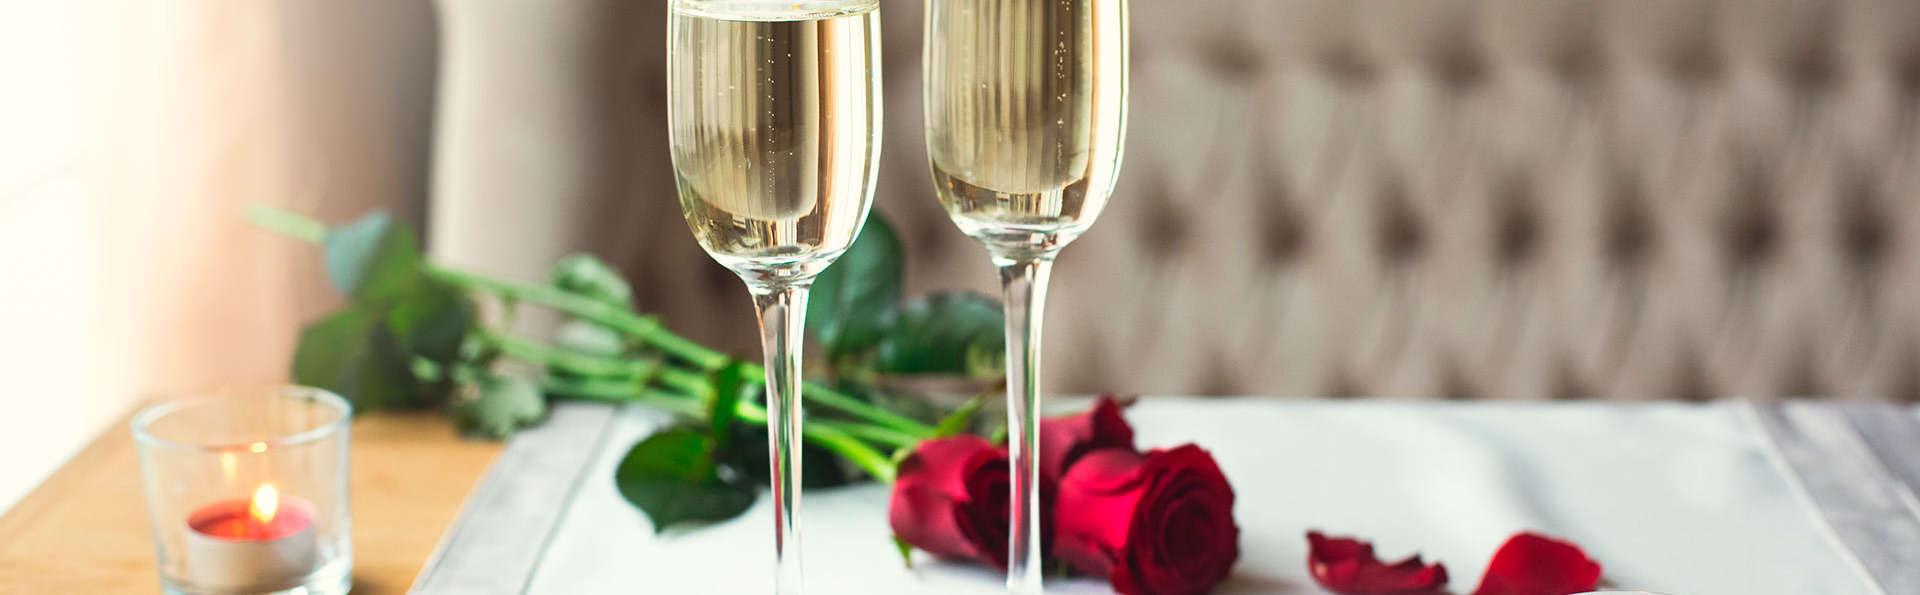 Dîner, champagne et pétales de rose pour un séjour romantique !